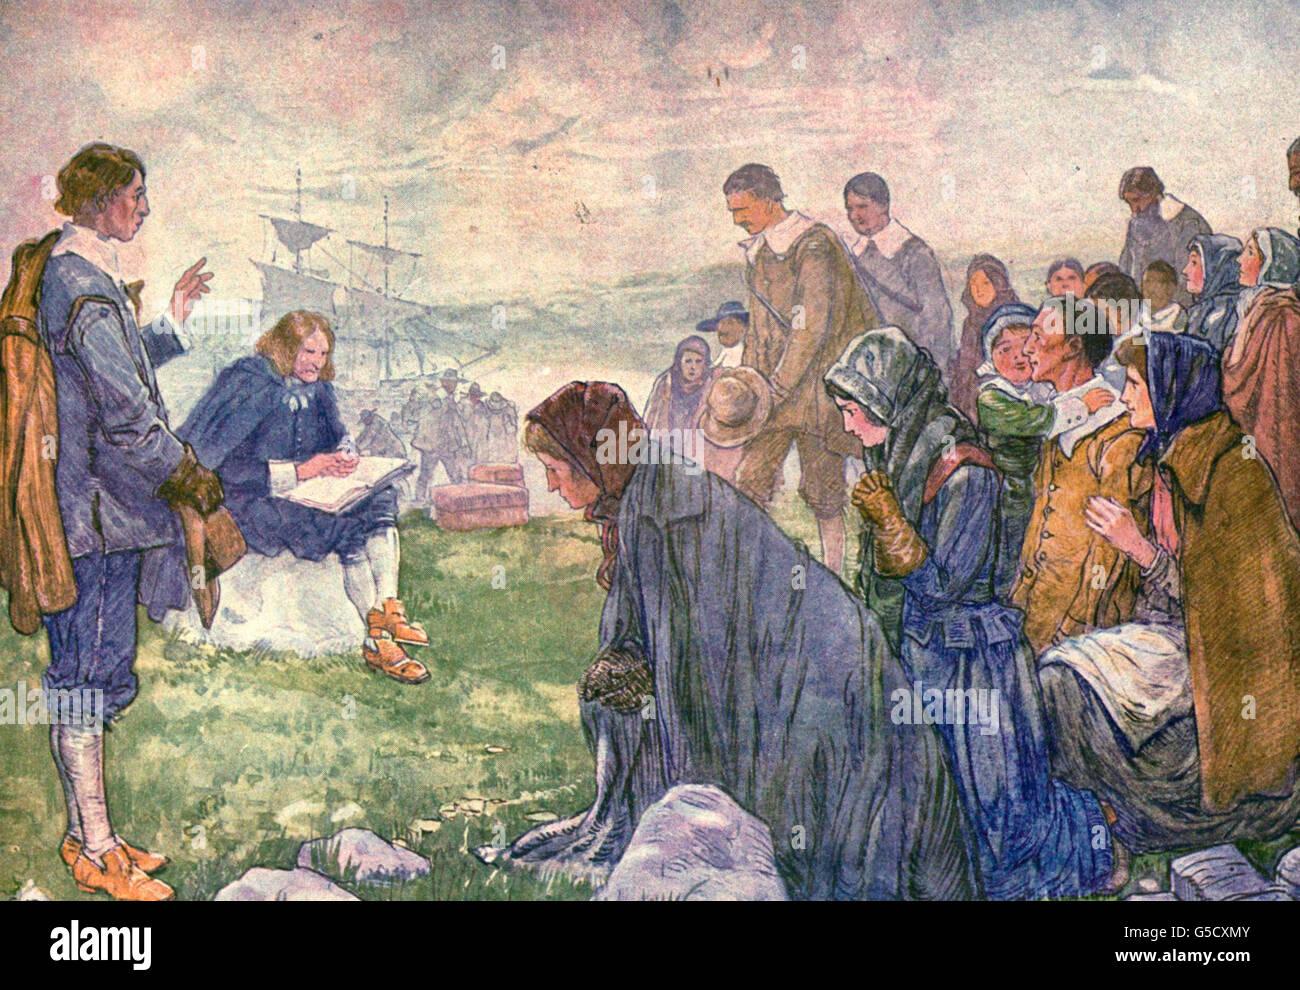 Am 23. Dezember 1620 landete die Pilger bei den Grundstein einer Nation, Plymouth Rock Stockbild